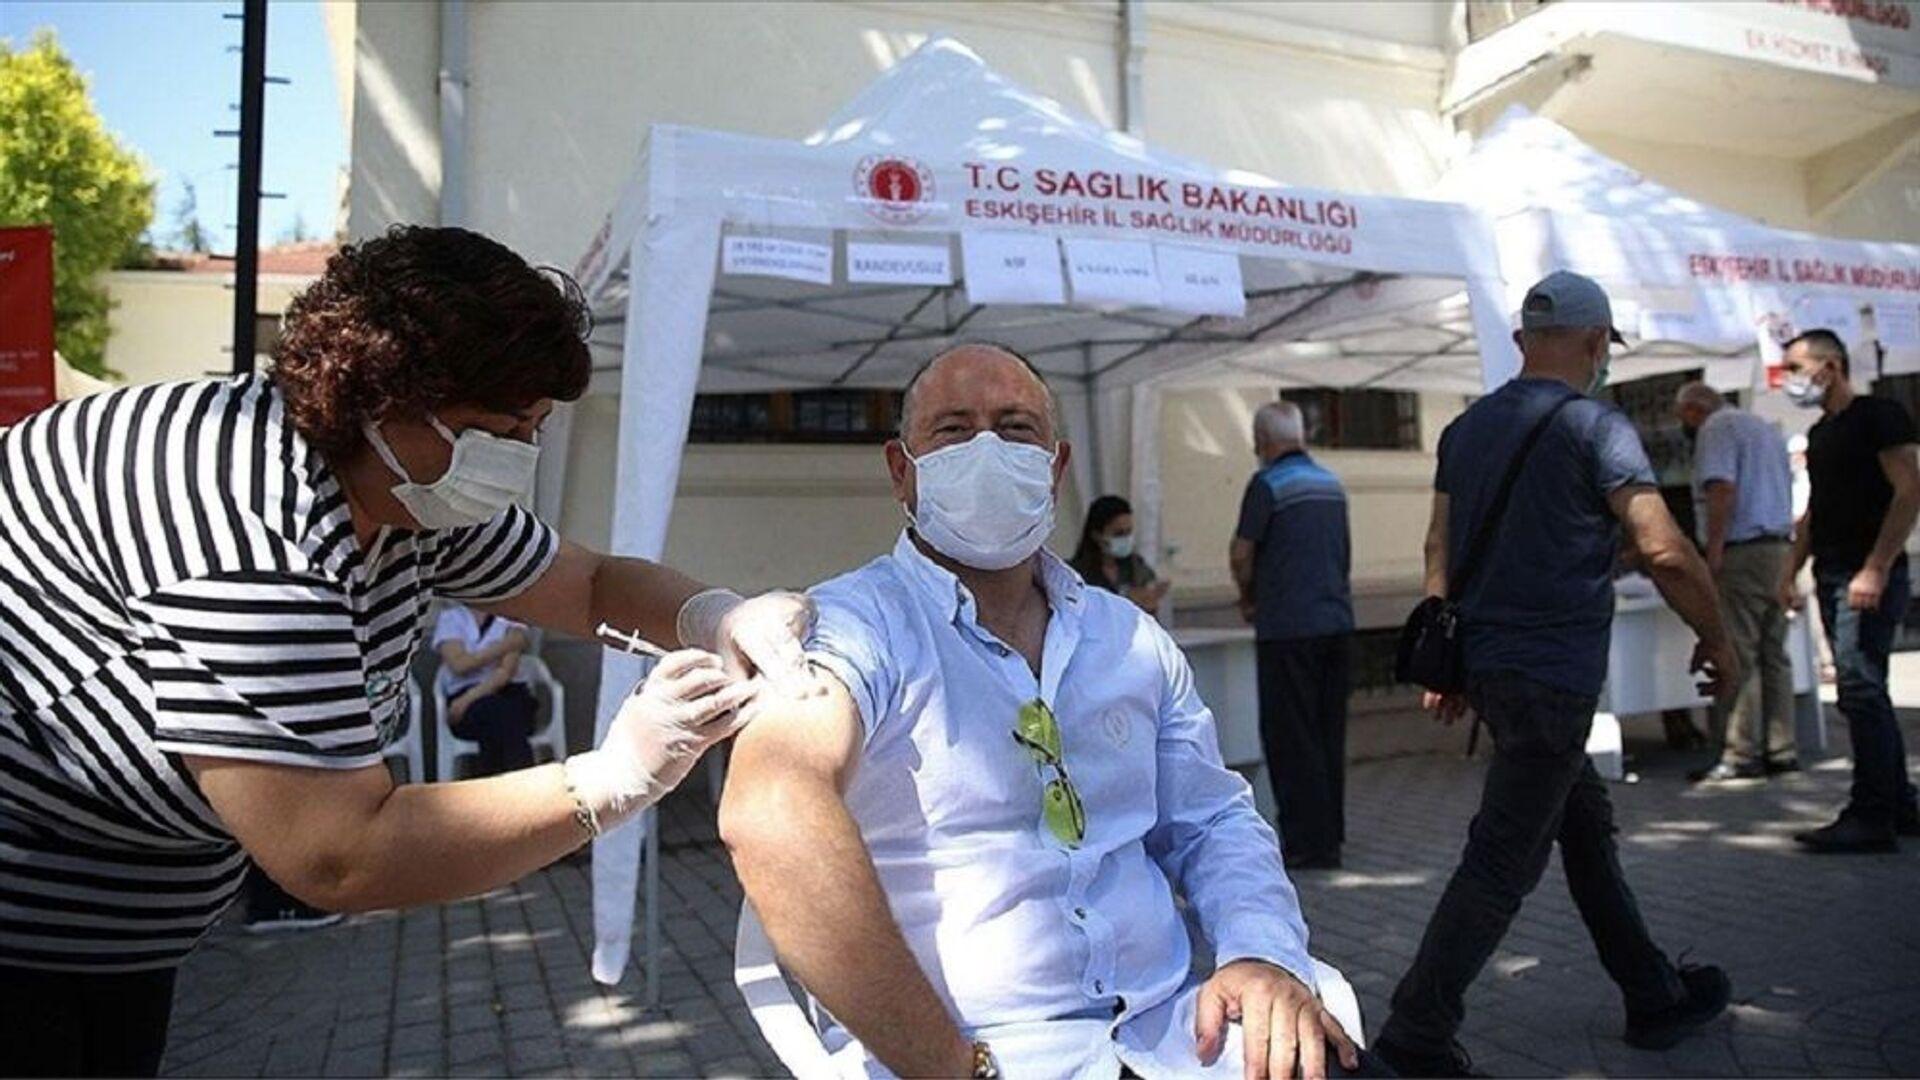 Eskişehir'de randevusuz Kovid-19 aşı uygulaması için noktalar oluşturuldu - Sputnik Türkiye, 1920, 28.07.2021